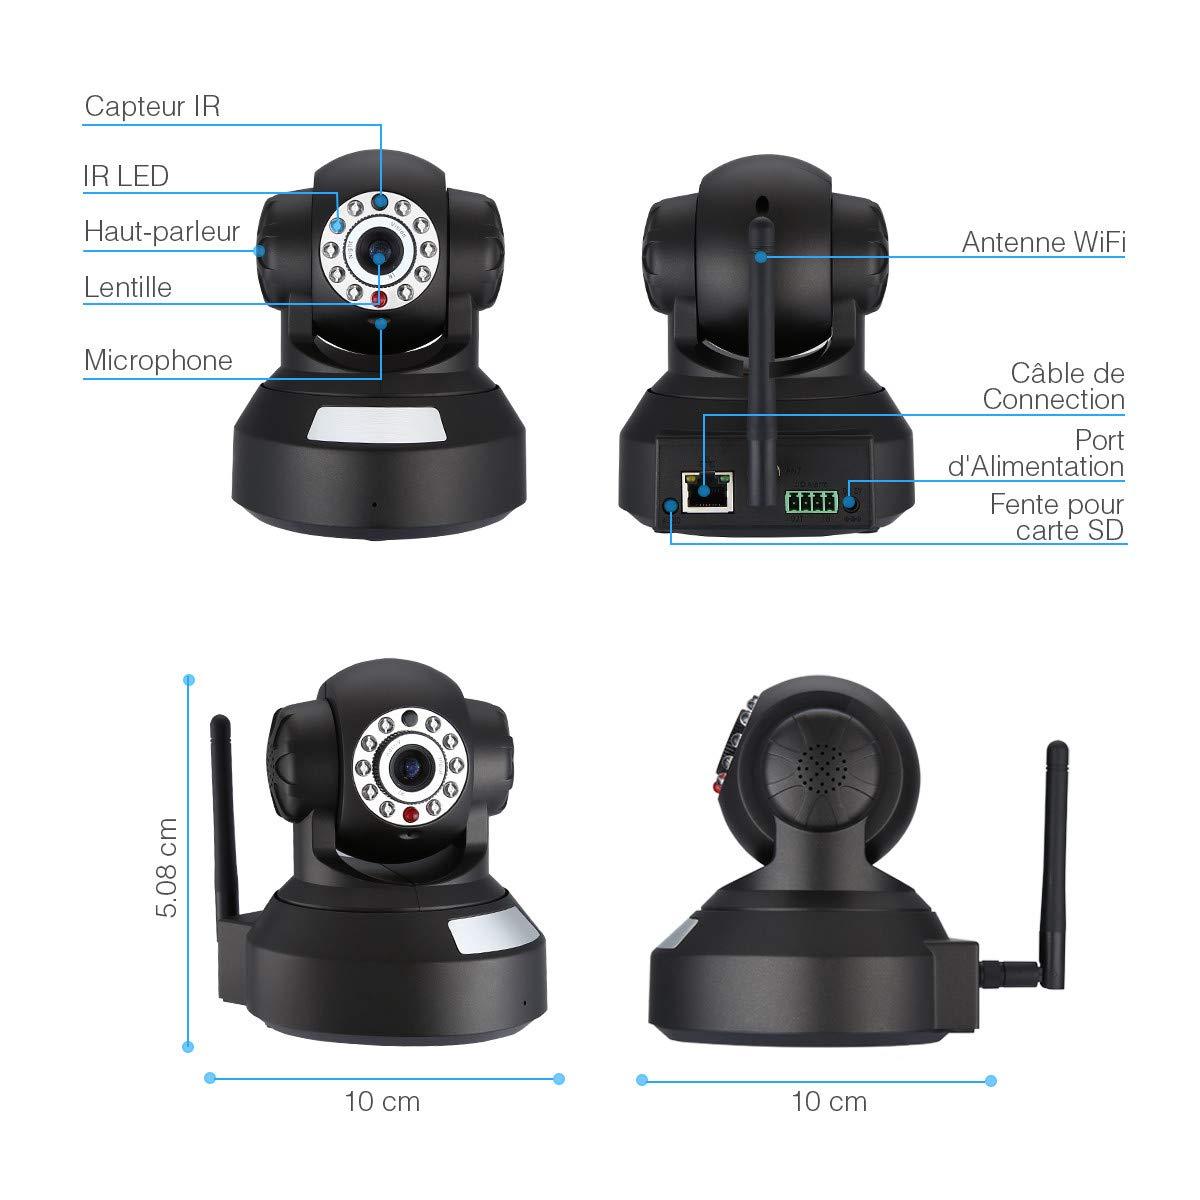 Powerextra IP Caméra 720p HD WiFi Surveillance Caméra de Sécurité avec Capteur de Mouvement et de la Vision Nocturne pour Maison Moniteur des Animaux domestiques et Bébé